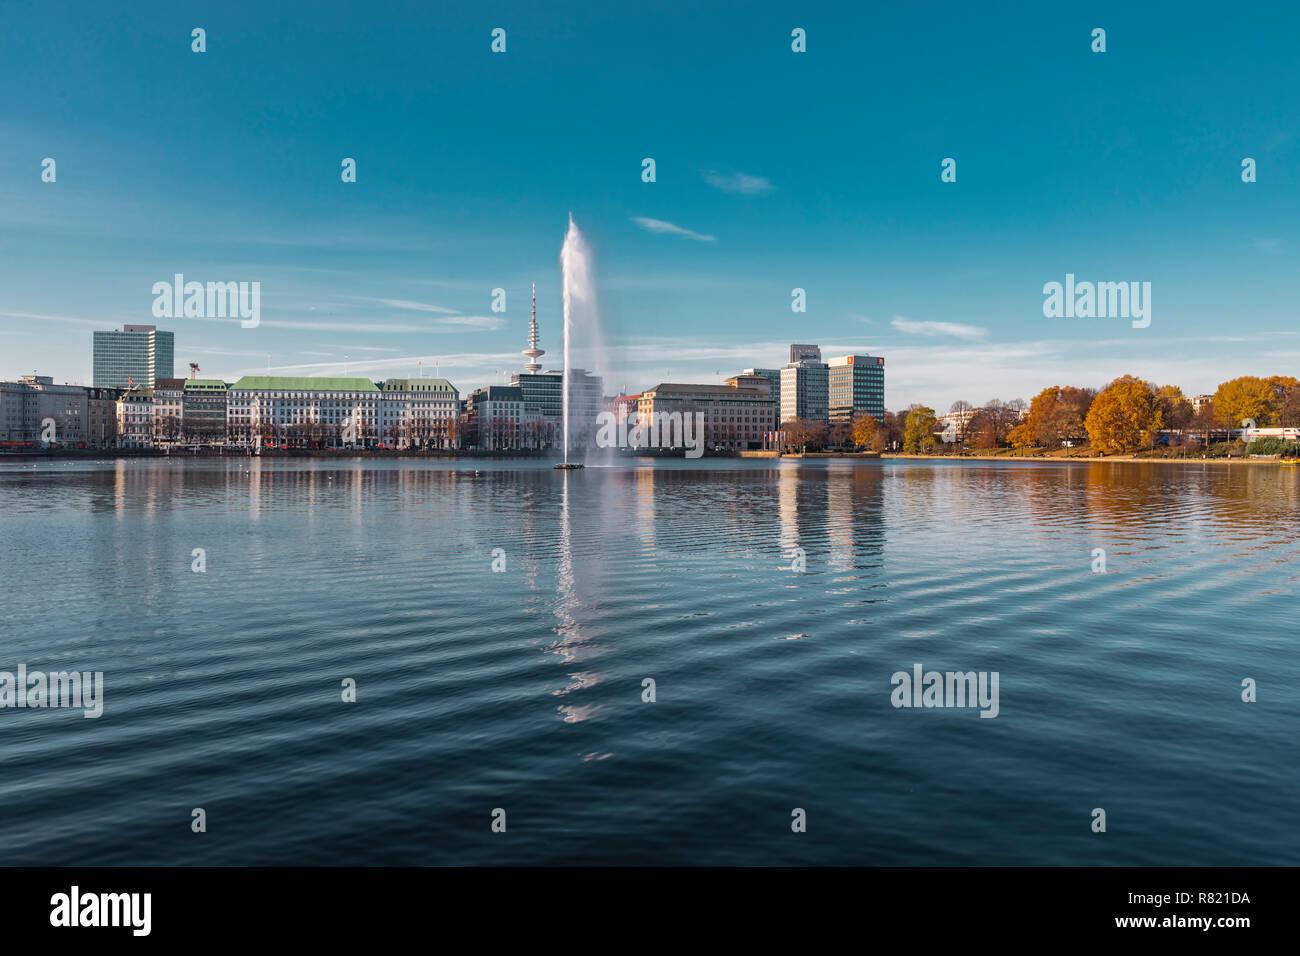 Hamburgo, Alemania - Noviembre 15, 2018: Vista del Binnenalster y su fuente en la ciudad de Hamburgo en Alemania, con el cielo azul como fondo. Foto de stock